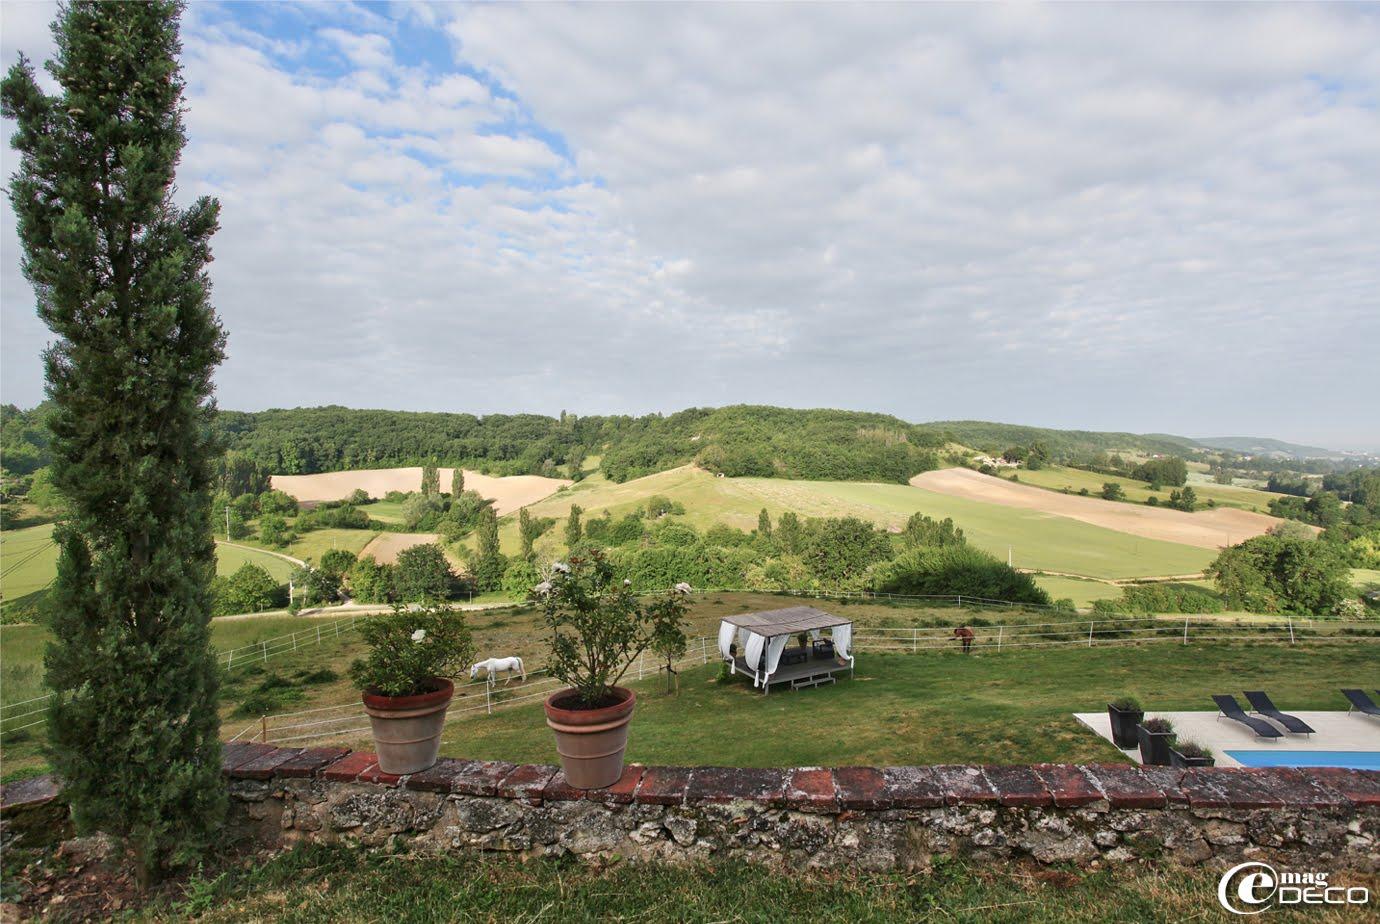 La campagne vallonnée et verdoyante du Lot-et-Garonne, vue du Relais de Roquefereau, maison d'hôtes à Penne-d'Agenais